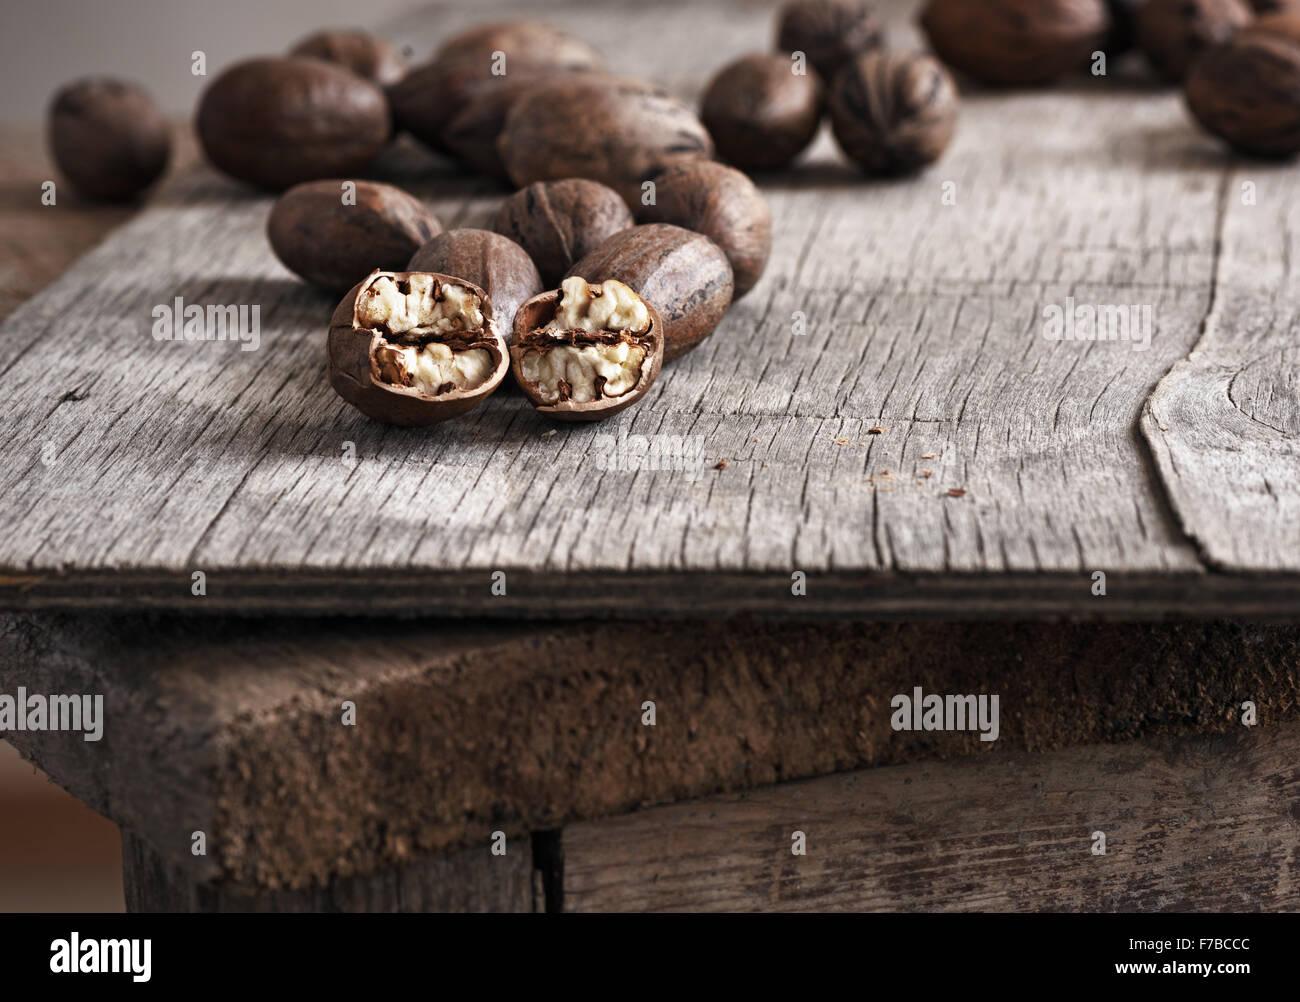 Todo picado y nueces de nogal en mesa de madera antigua. Imagen De Stock